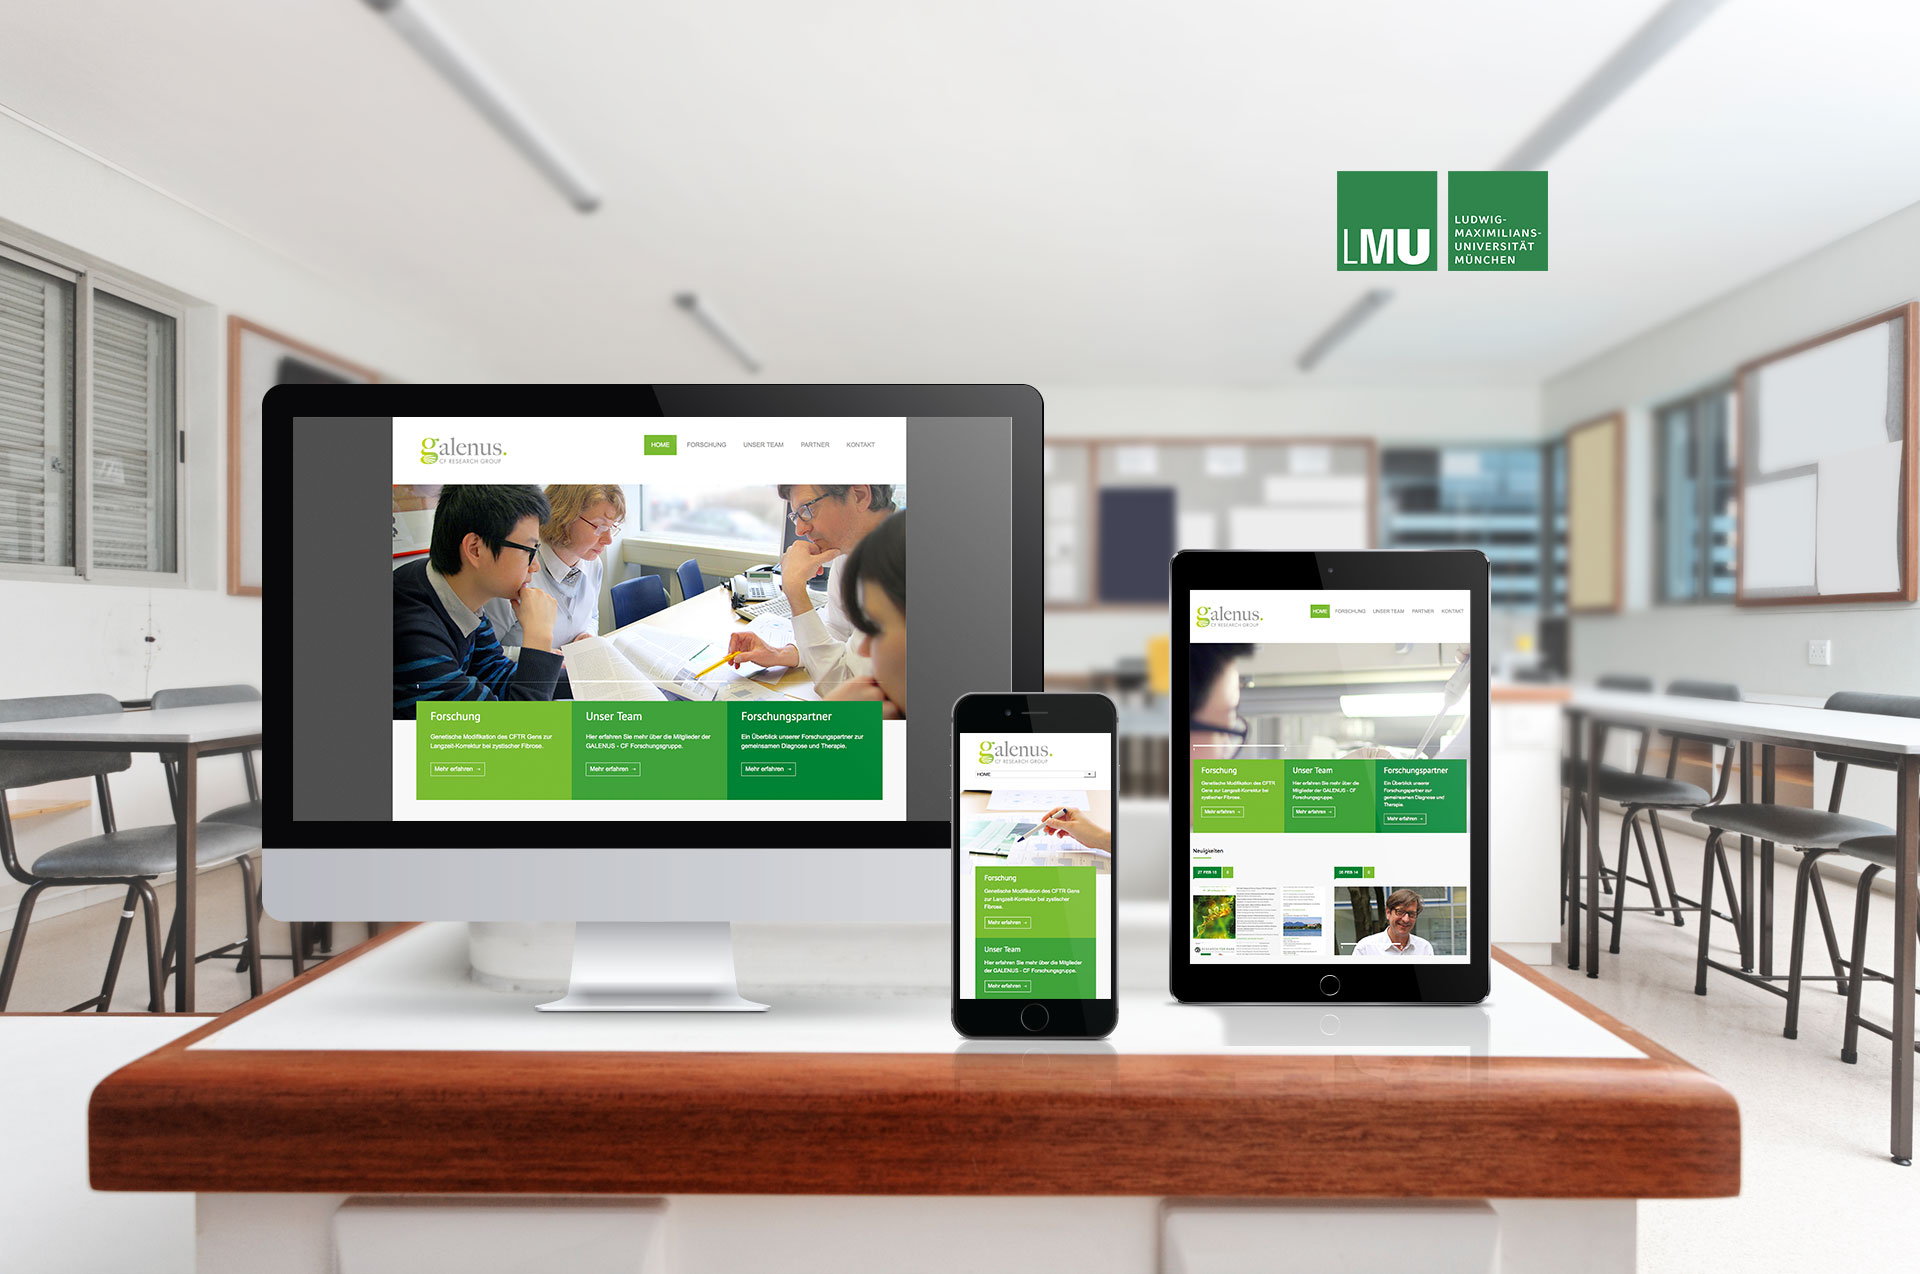 EAZEE Webagentur Galenus LMU Responsive Webdesign Vorschau Devices